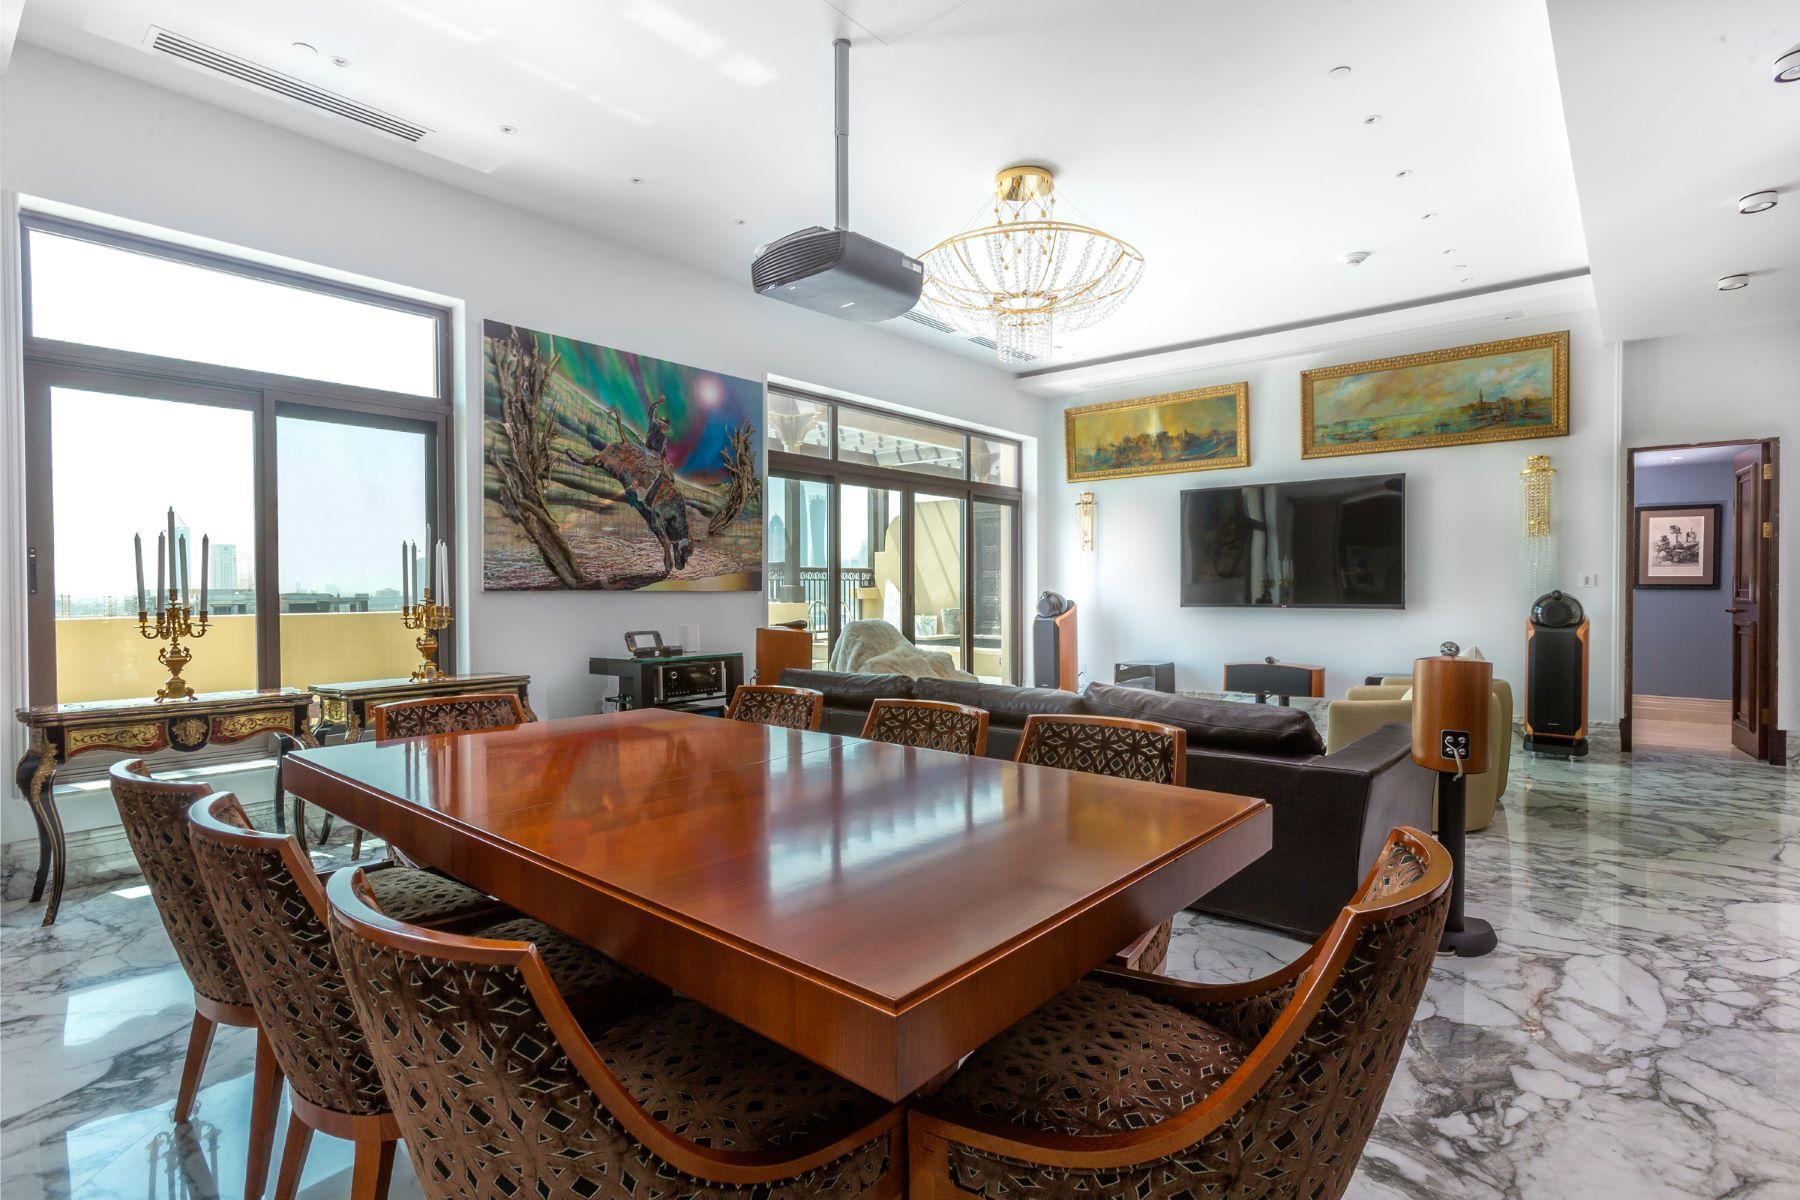 Квартира для того Продажа на Duplex Penthouse on The Palm Dubai, Объединенные Арабские Эмираты